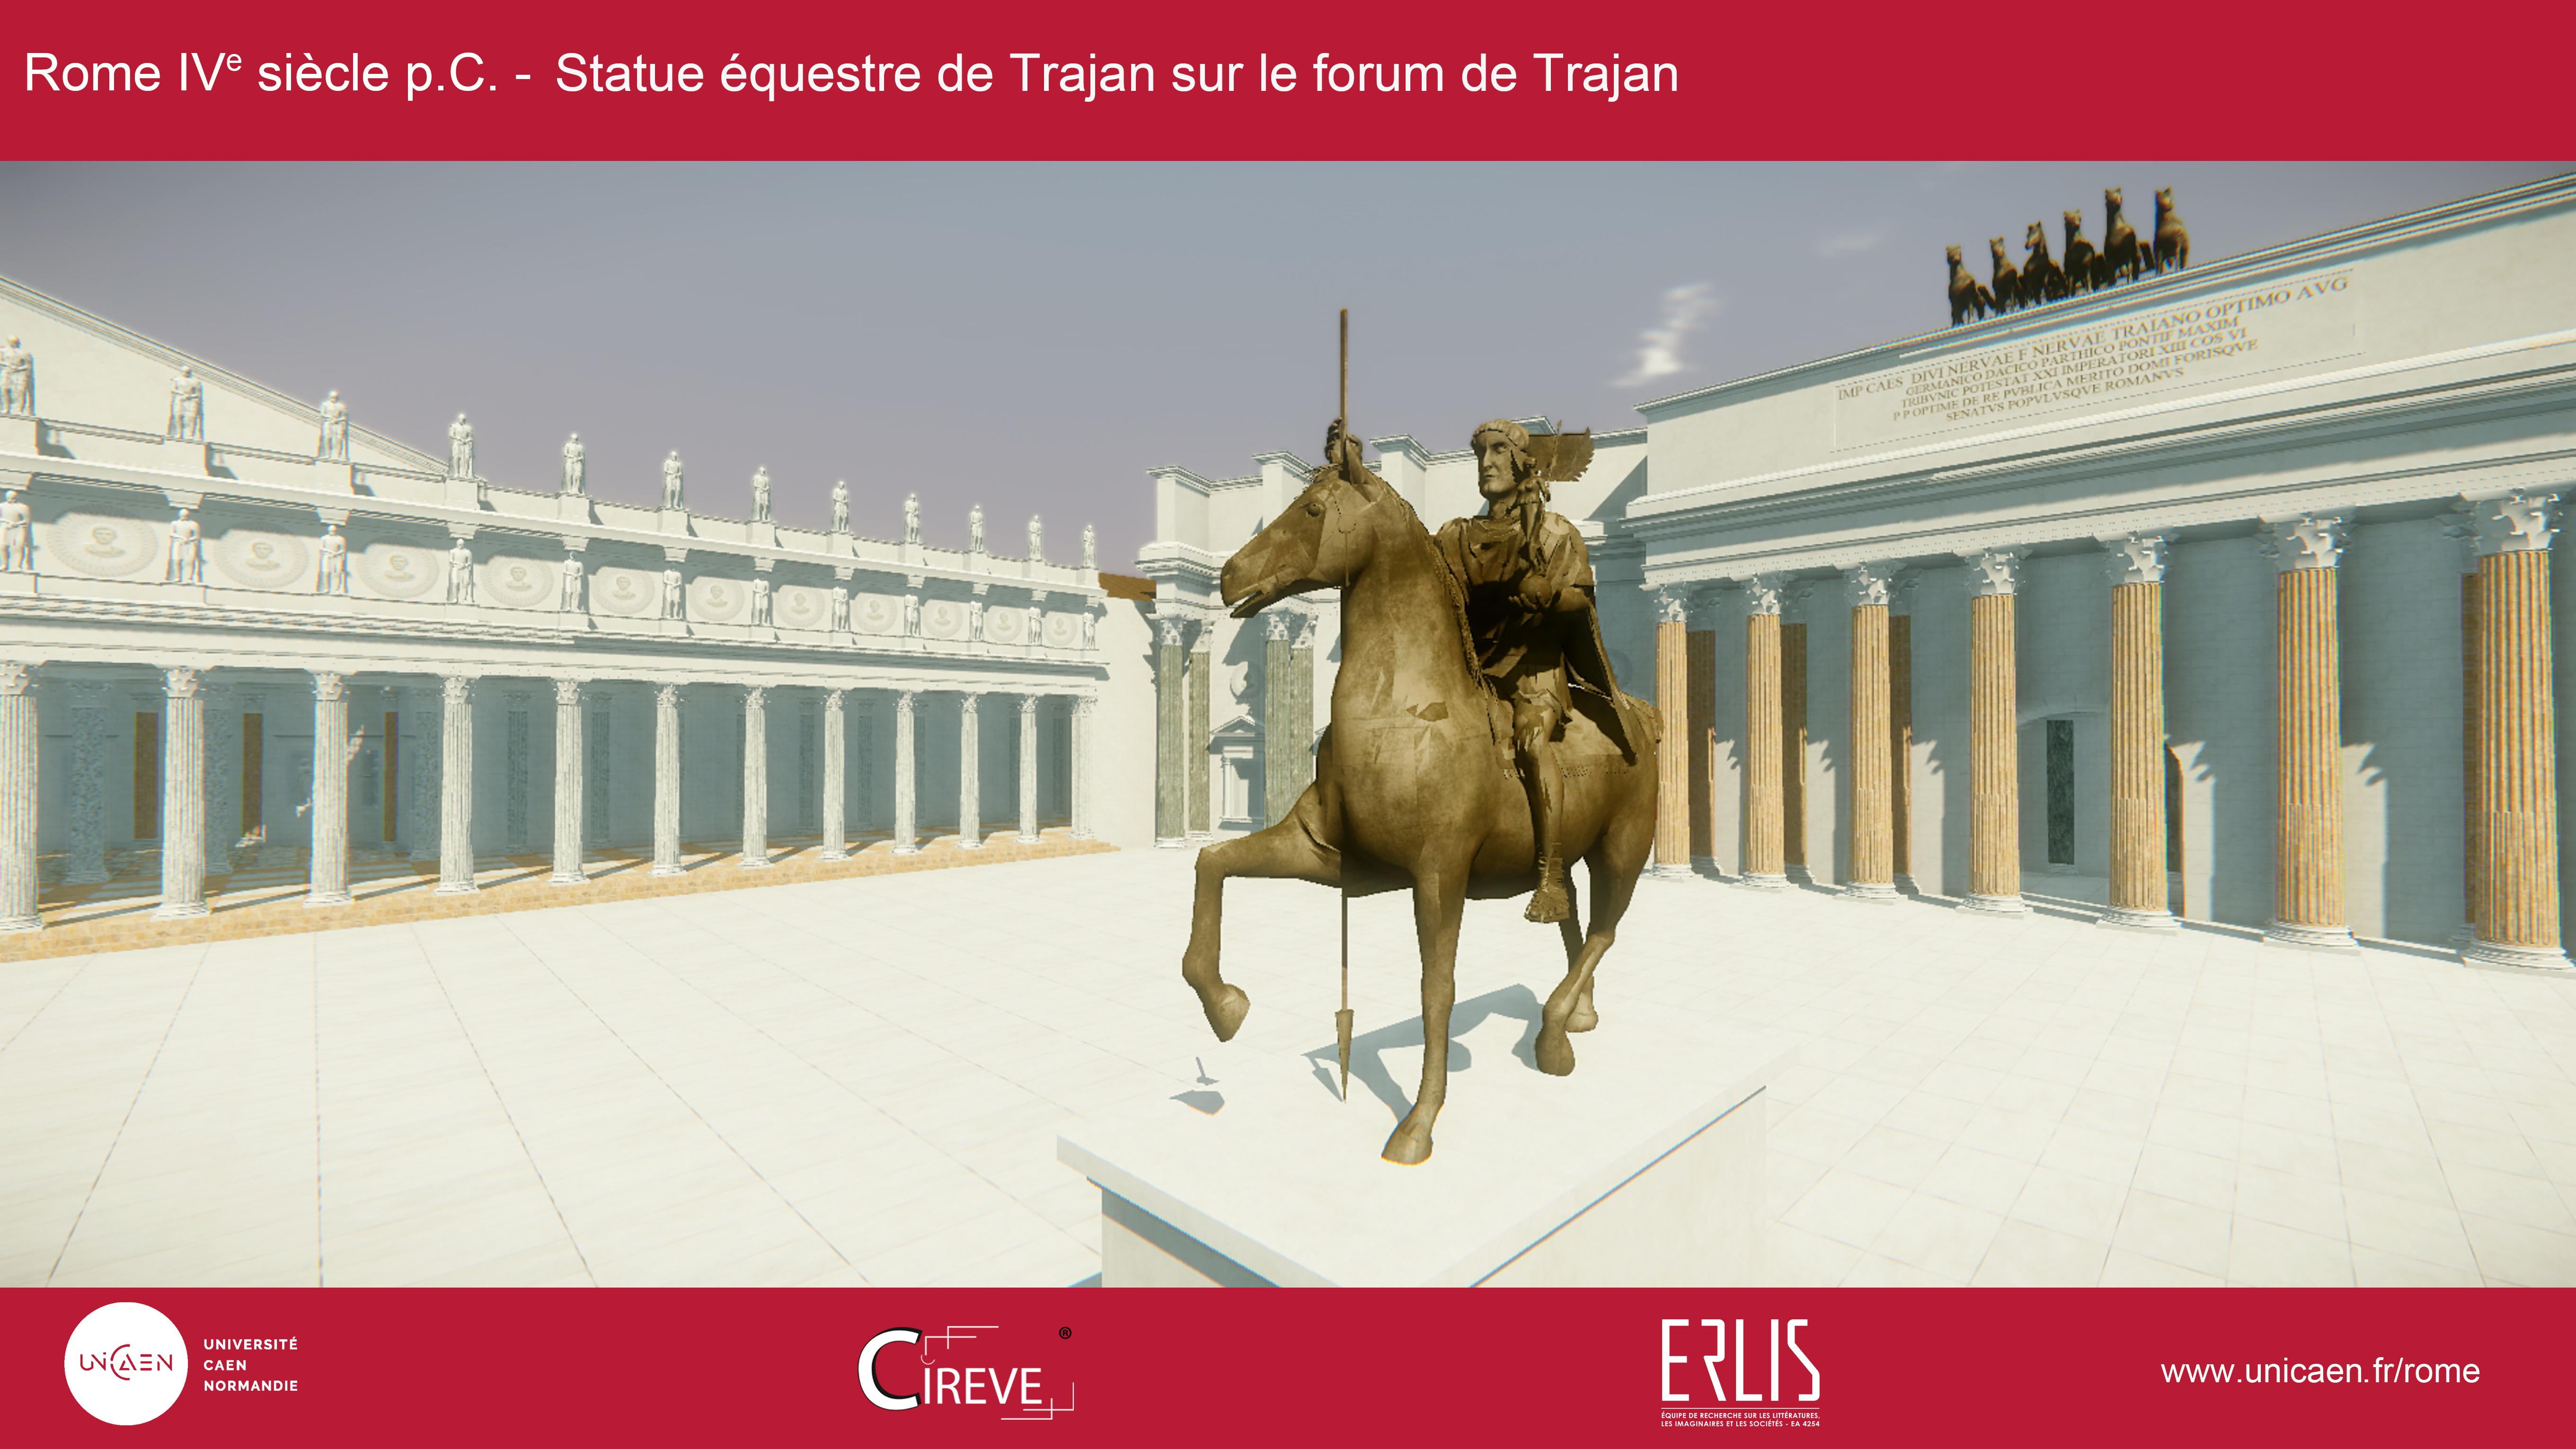 Statue équestre de Trajan